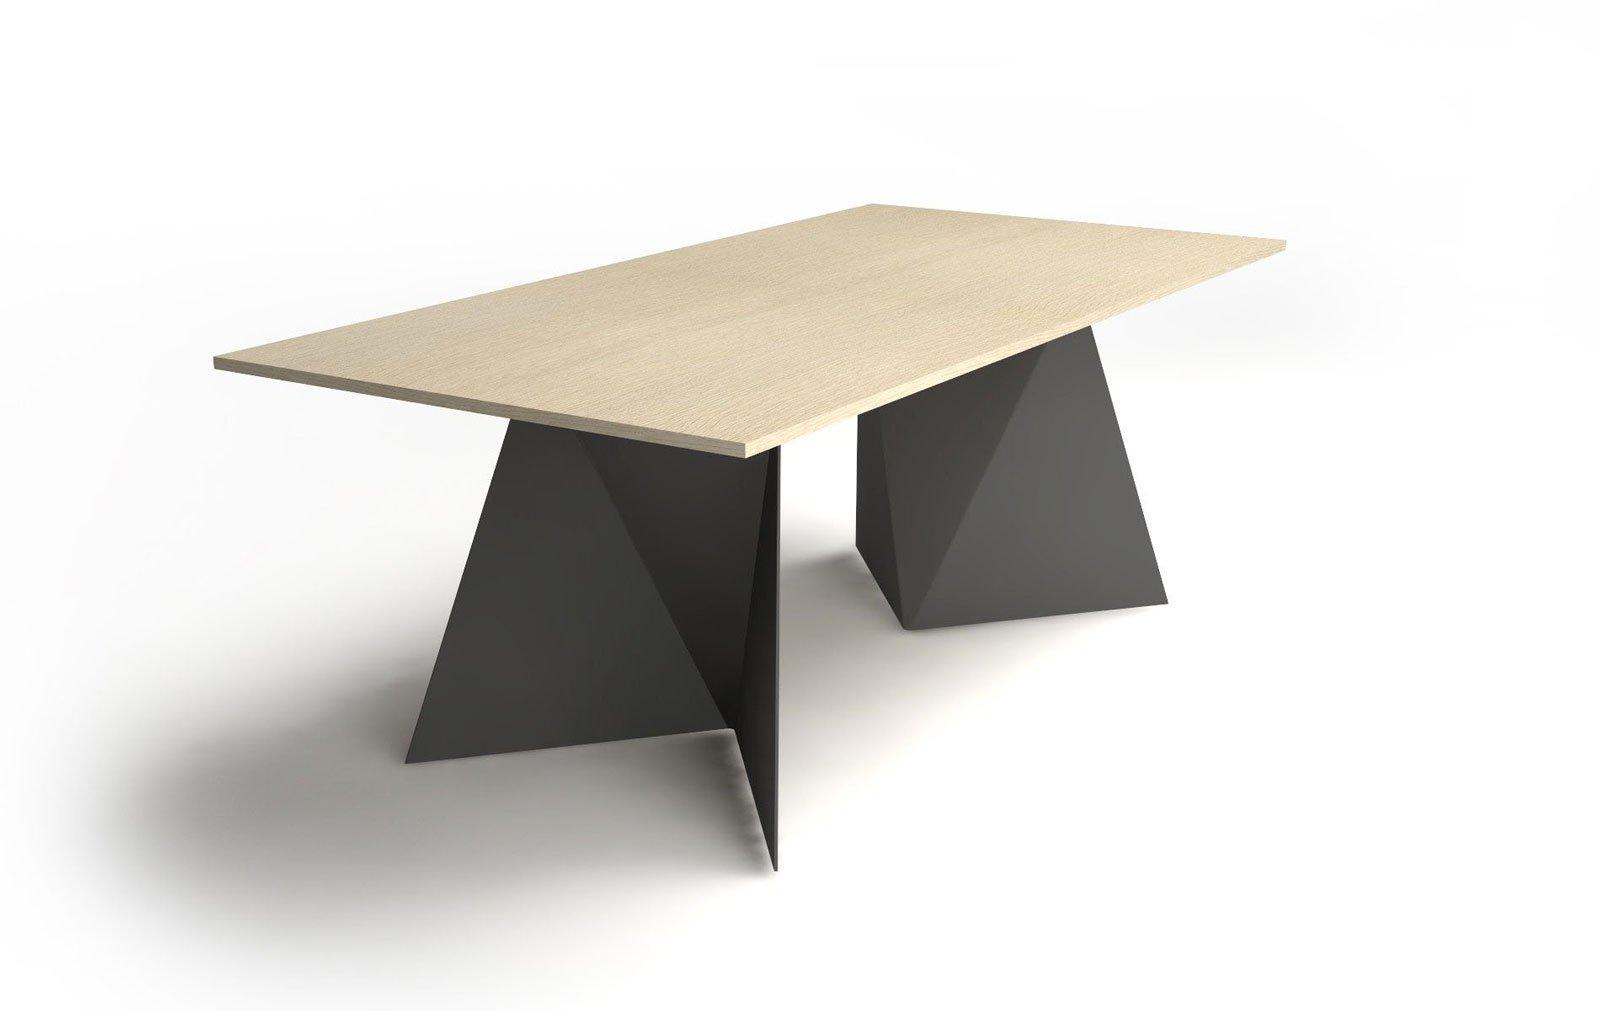 sedie soggiorno semeraro: sedie soggiorno semeraro ikea credenza ... - Sedie Da Soggiorno Ikea 2